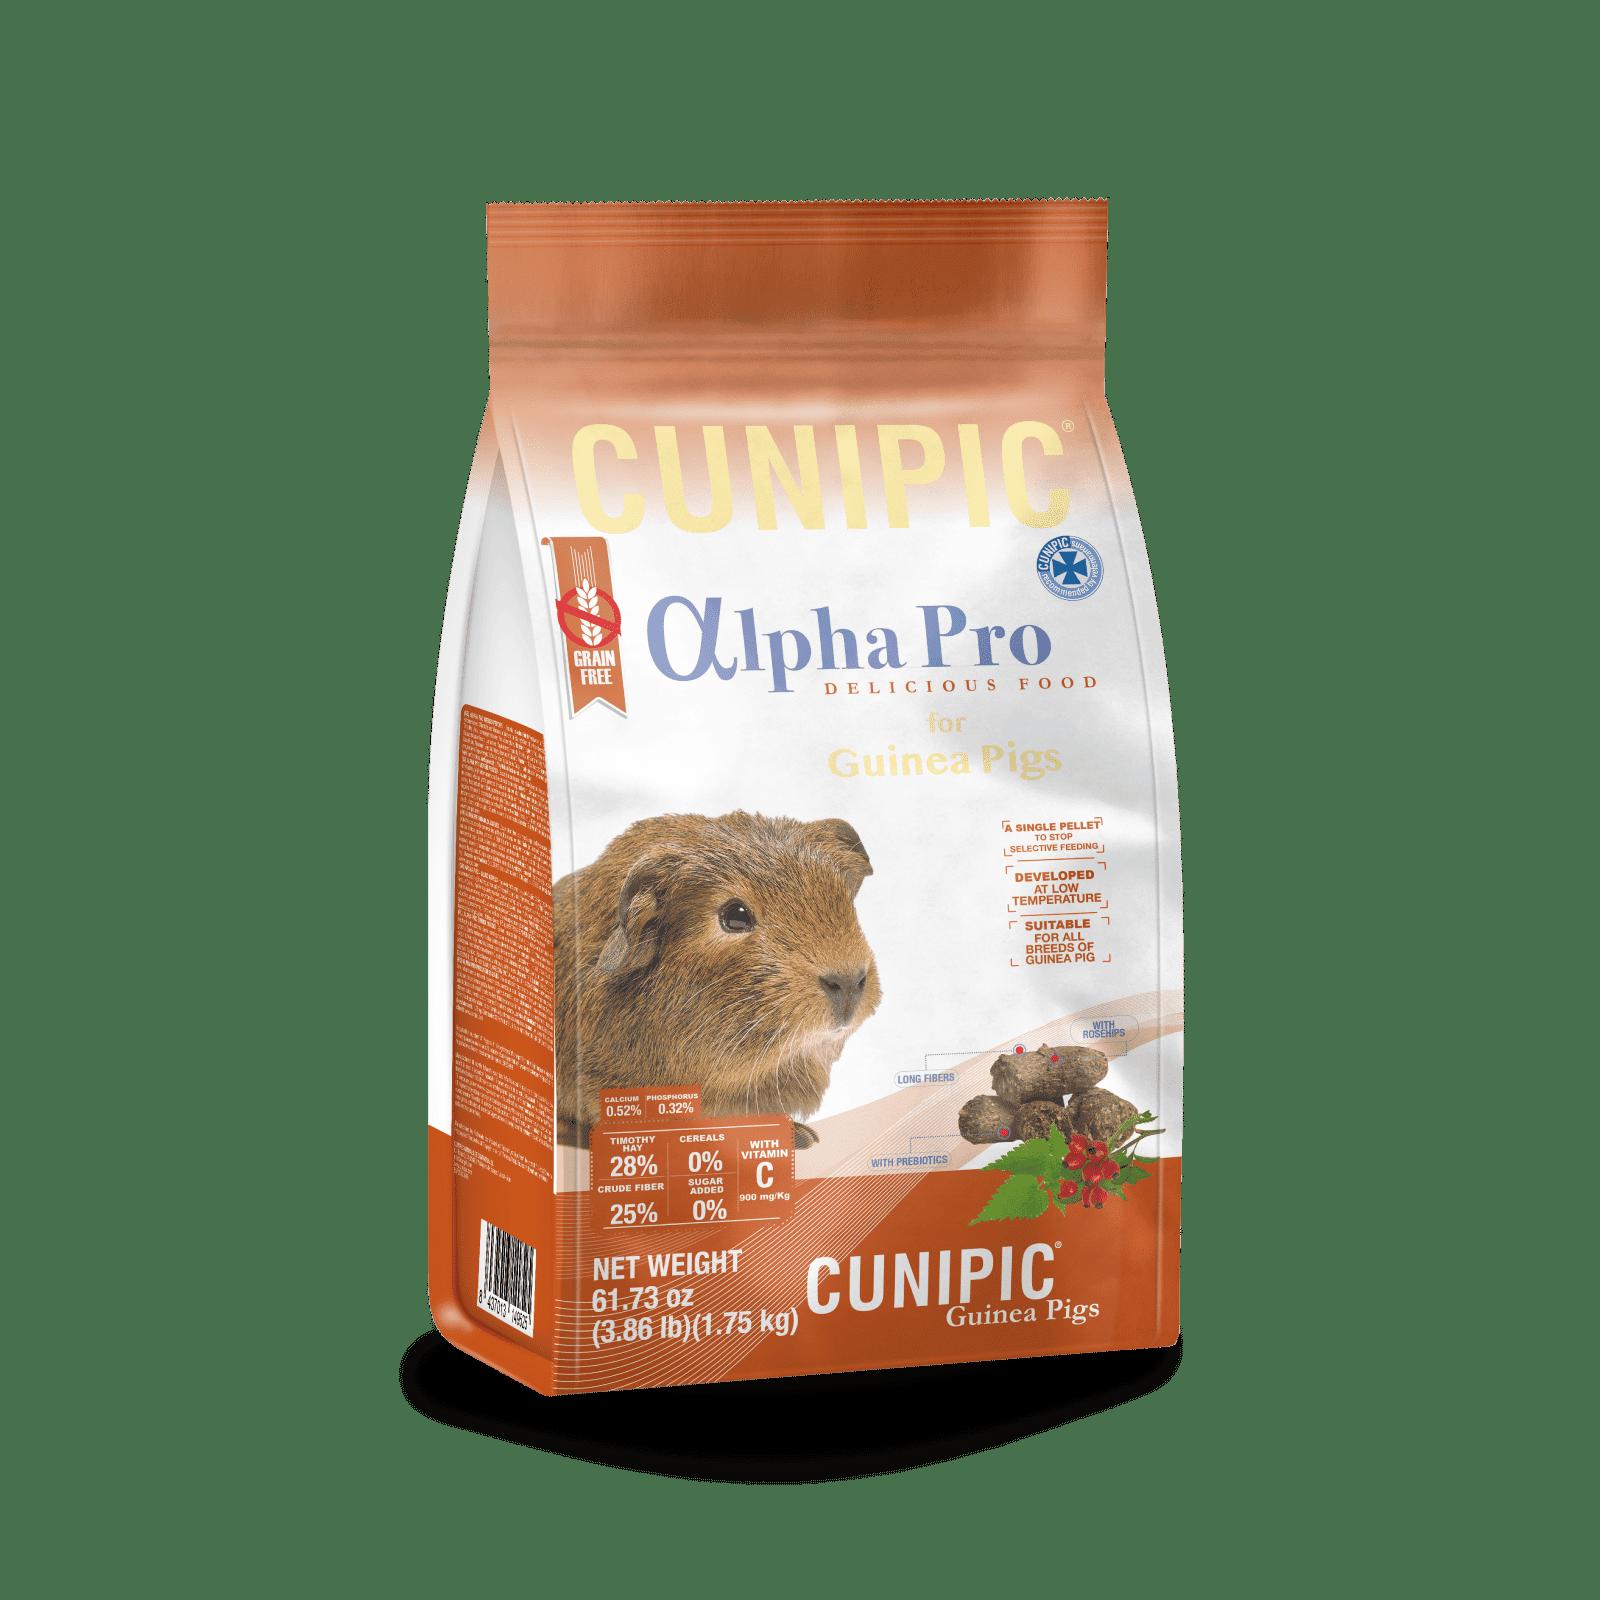 Alpha Pro Cobaya Cunipic